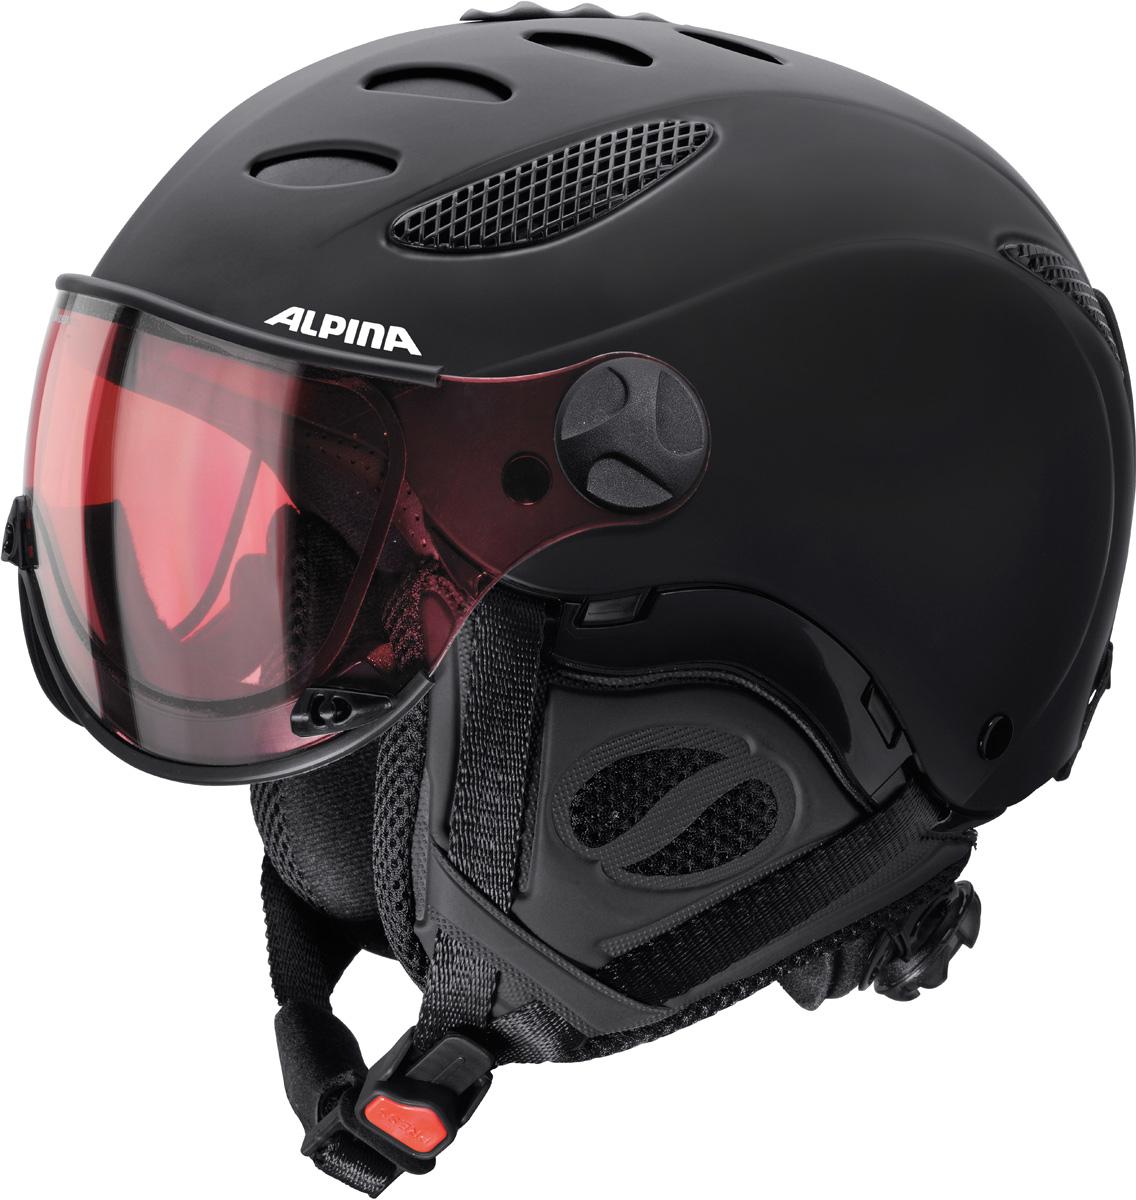 Шлем горнолыжный Alpina JUMP JV QVHM black matt. Размер 55-57A9037_42Шлем JUMP JV является эталоном в области качественных альпийских шлемов. Встроенный визор обладает превосходным полем зрения и аэродинамикой, а технология VarioFlex обеспечивает видимость в любых погодных условиях. Визор имеет мягкую подкладку и оставляет внутри достаточно места для ношения корректирующих очков.• В визоре использована фотохромная линза Alpina VarioFlex, которая меняет своё затемнение в зависимости от интенсивности солнечного освещения. Чем меньше света, тем прозрачнее визор• Шлем имеет максимально надёжную и долговечную Hardshell конструкцию - предварительно отлитая оболочка из ударопрочного пластика ABS прочно соединена с внутренней оболочкой из вспененного полистирола• Интенсивность воздушного потока можно регулировать. Вентиляционные отверстия шлема могут быть открыты и закрыты раздвижным механизмом• Съемные ушки-амбушюры можно снять за секунду и сложить в карман лыжной куртки. Если вы наслаждаетесь катанием в начале апреля, такая возможность должна вас порадовать. А когда температура снова упадет - щелк и вкладыш снова на месте!• Из задней части шлема можно достать шейный утеплитель из мякого микро-флиса. Этот теплый воротник также защищает шею от ударов на высокой скорости и при сибирских морозах. В удобной конструкции отсутствуют точки давления на шею.• Внутренная оболочка каждого шлема Alpina состоит из гранул HI-EPS (сильно вспененного полистирола). Микроскопические воздушные карманы эффективно поглощают ударную нагрузку и обеспечивают высокую теплоизоляцию. Эта технология позволяет достичь минимальной толщины оболочки. А так как гранулы HI-EPS не впитывают влагу, их защитный эффект не ослабевает со временем.• Ручка регулировки Run System Classic в задней части шлема позволяет за мгновение комфортно усадить шлем на затылке• Вместо фастекса на ремешке используется красная кнопка с автоматическим запирающим механизмом, которую легко использовать даже в лыжных перчатках. Механ